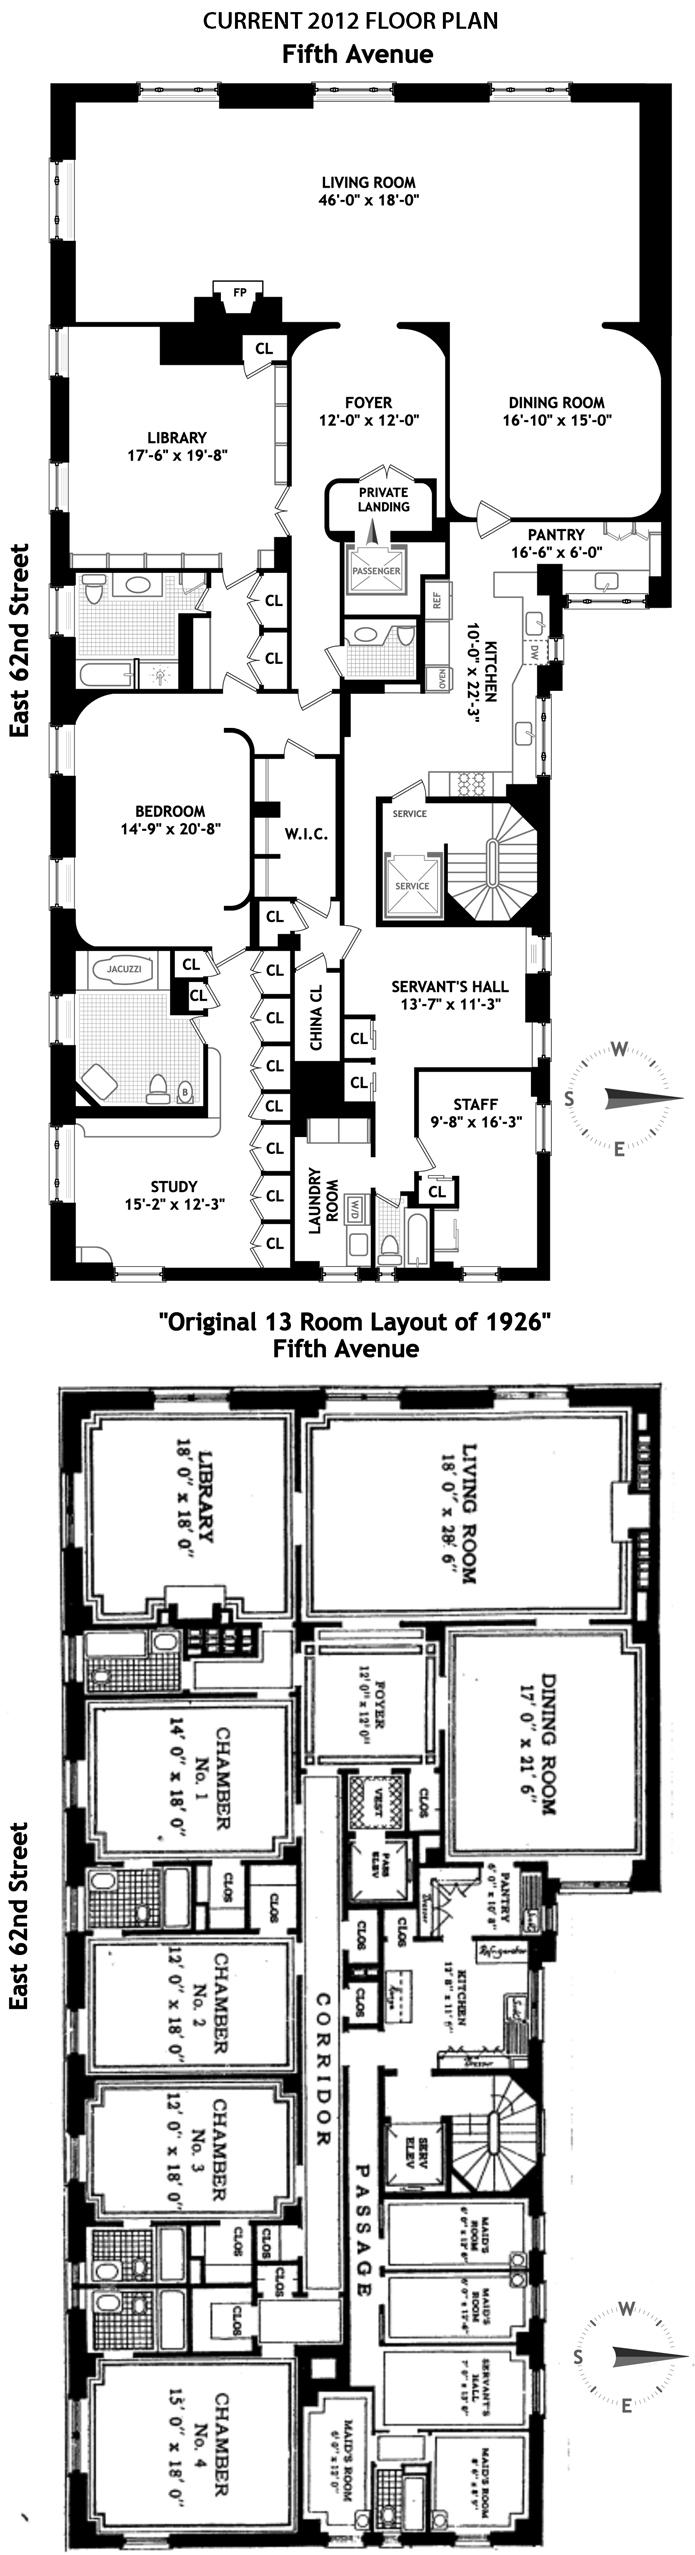 Brown Harris Stevens Luxury Residential Real Estate 810 FIFTH – 820 Fifth Avenue Floor Plan